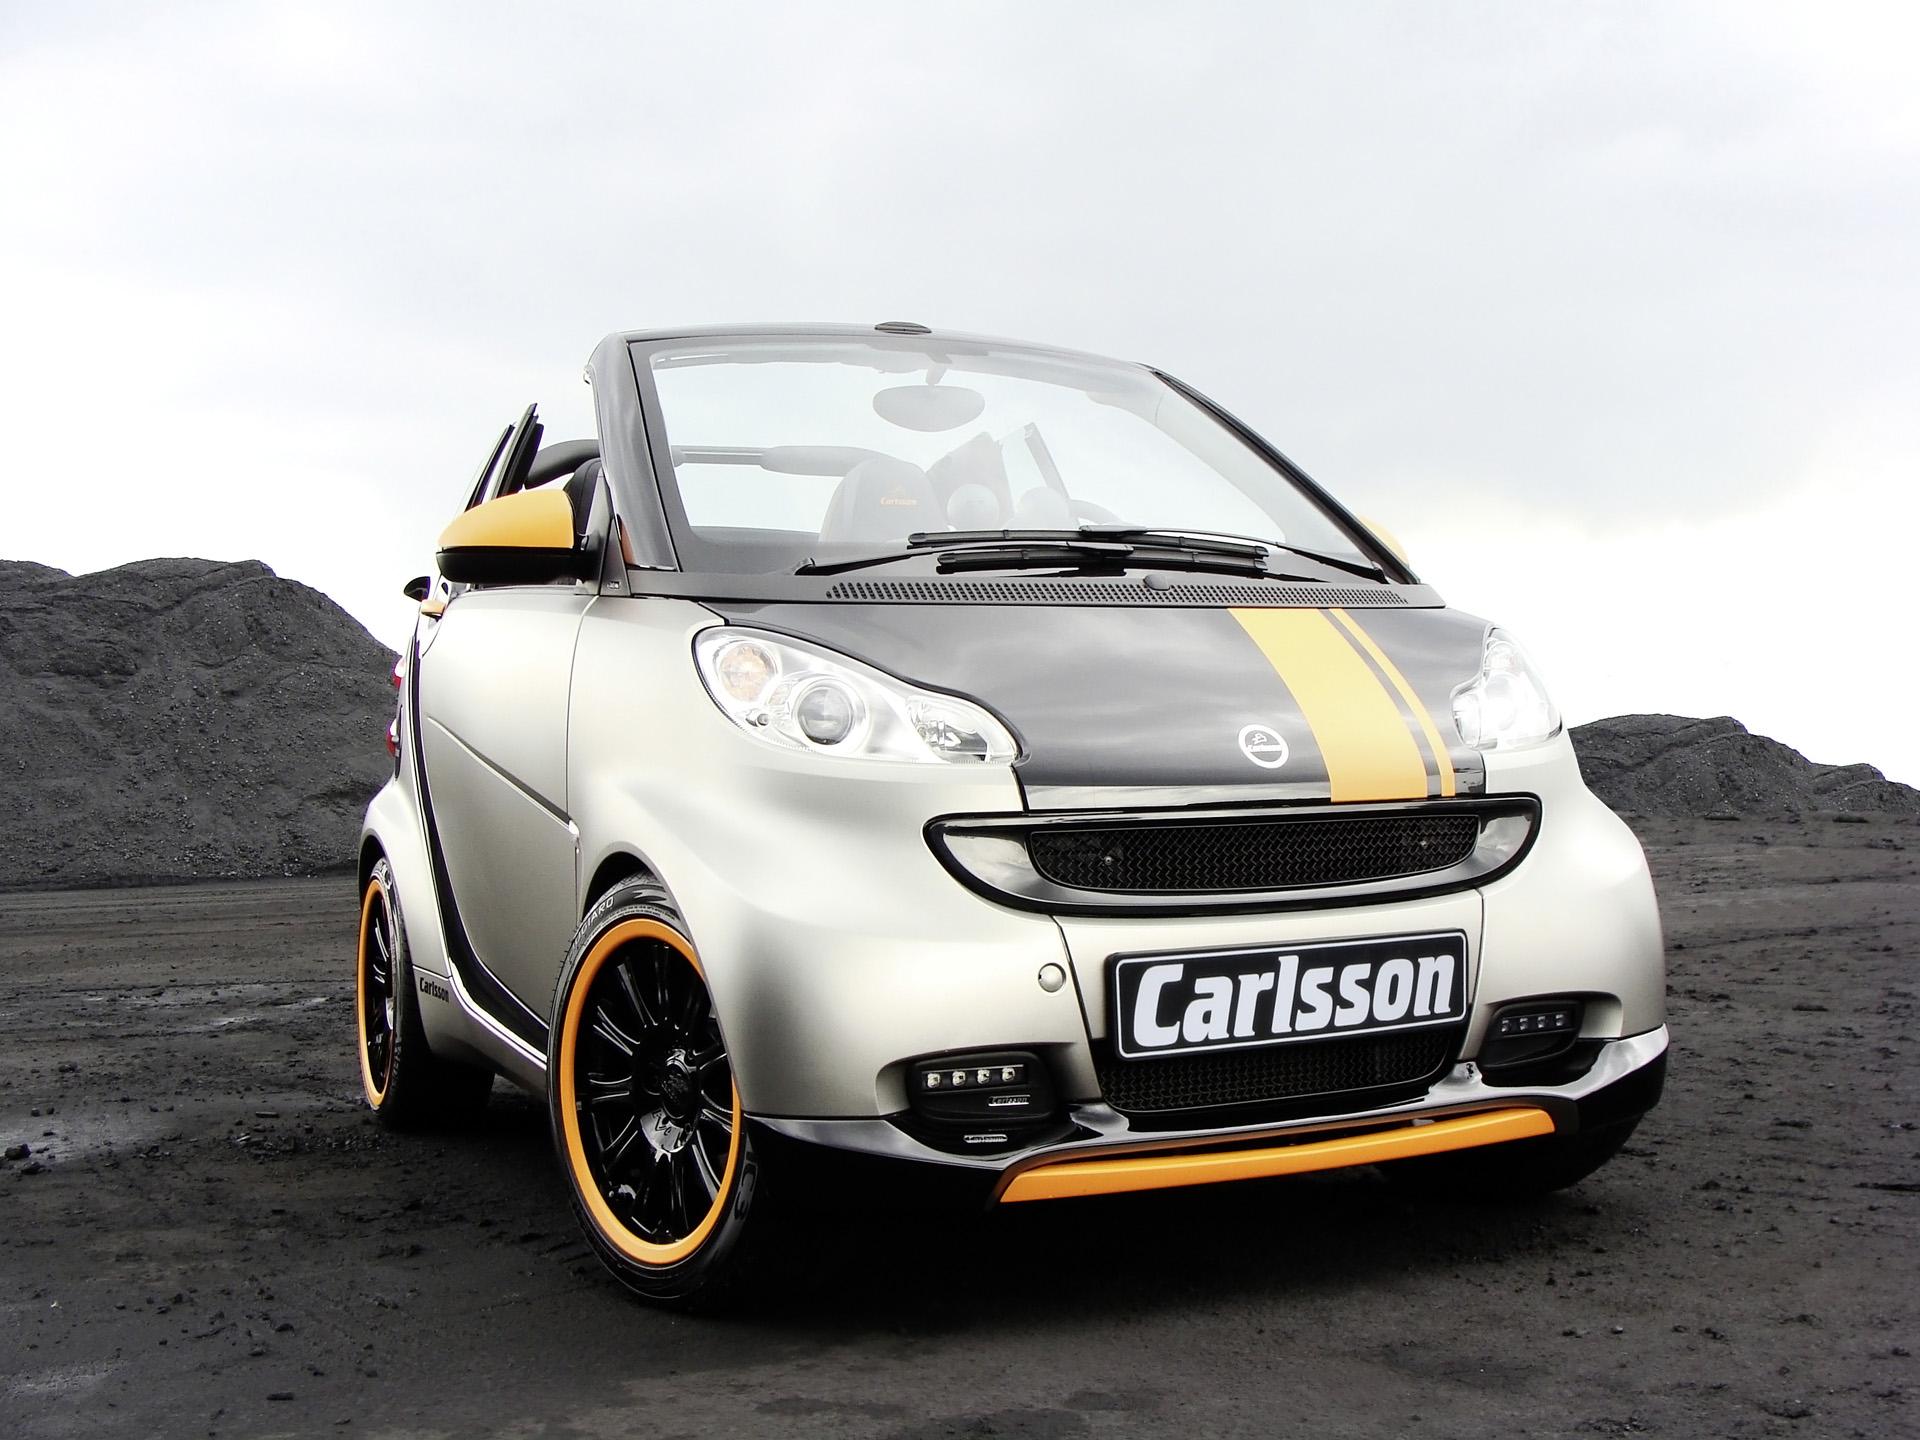 Автомобиль carlsson без смс